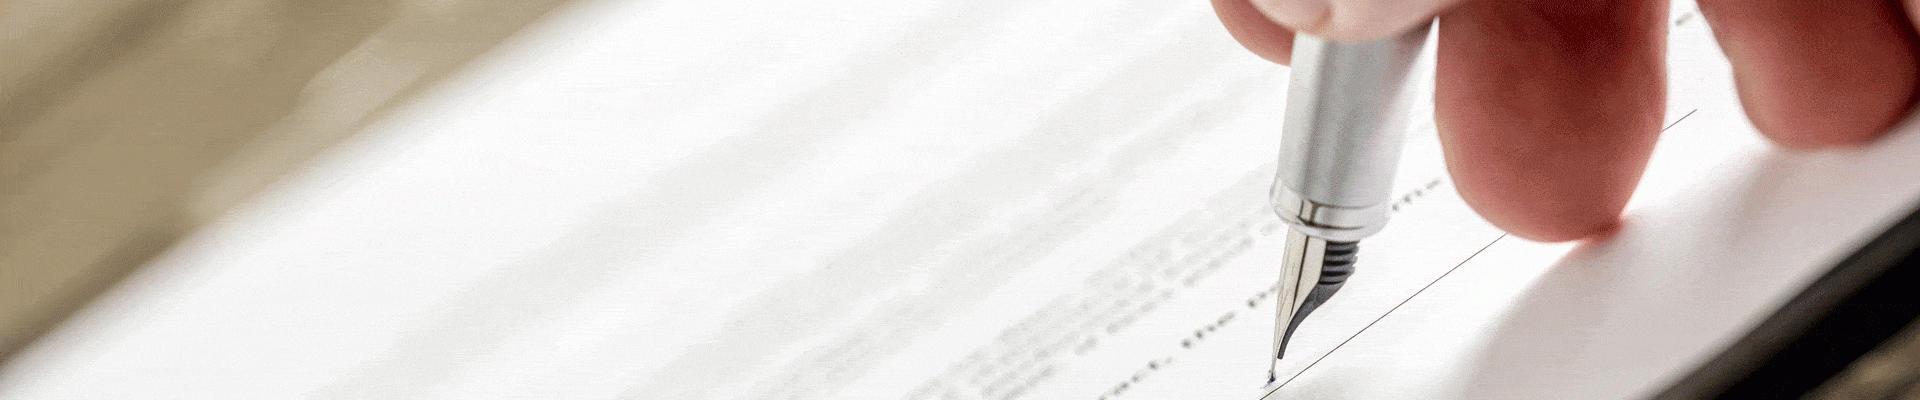 https://www.jylnotary.ca/wp-content/uploads/2020/06/signature-1920x400-1.jpg